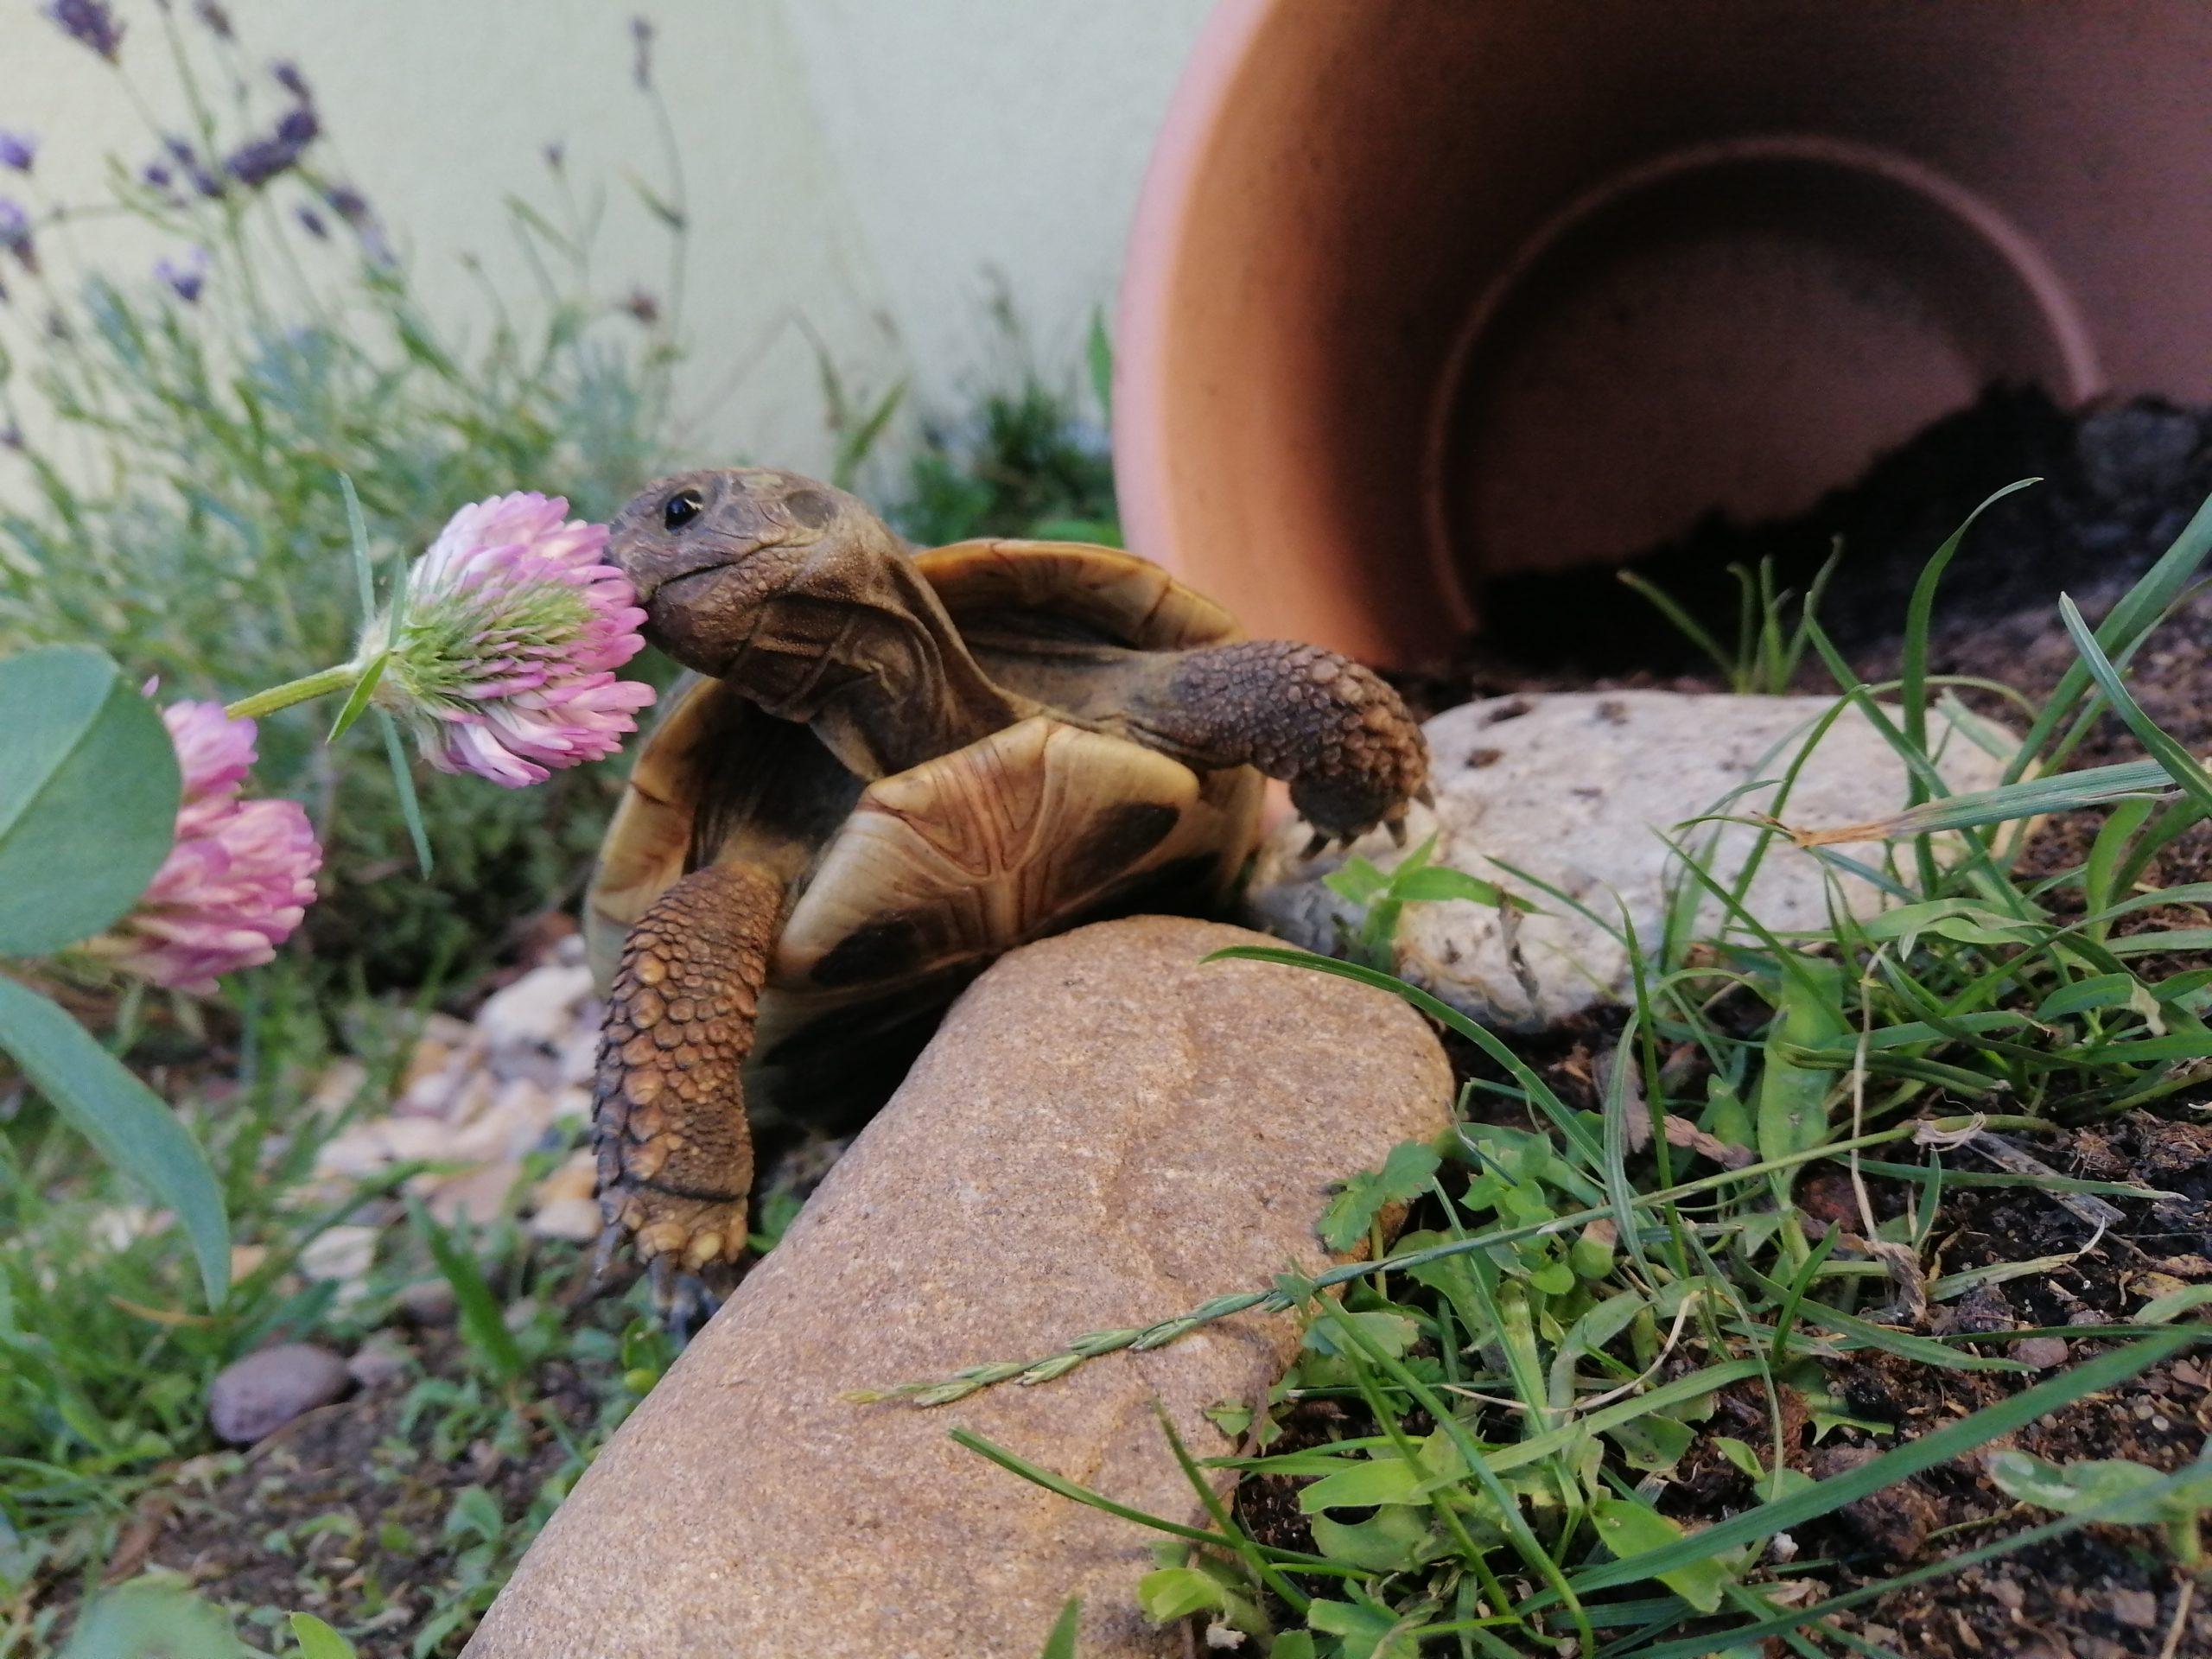 Griechische Landschildkröte frisst Klee